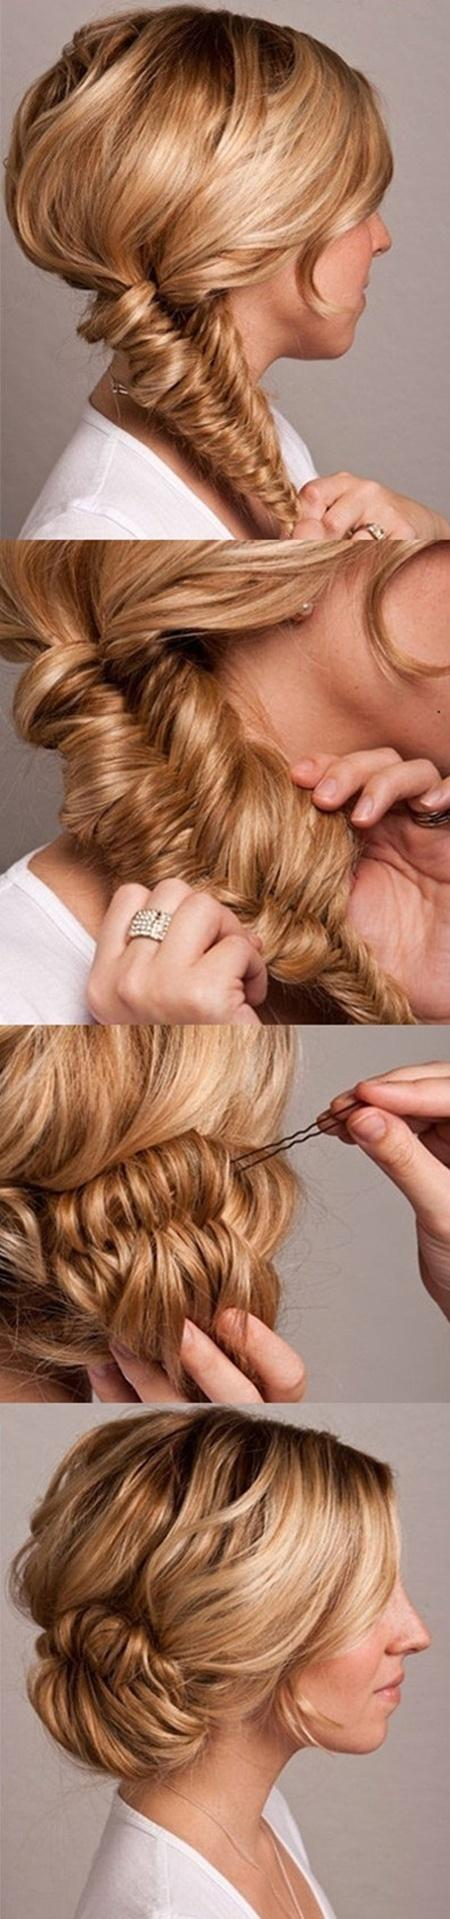 Ideas bonitas para peinados para nochevieja Fotos de cortes de pelo estilo - Peinados para Nochevieja - Paperblog